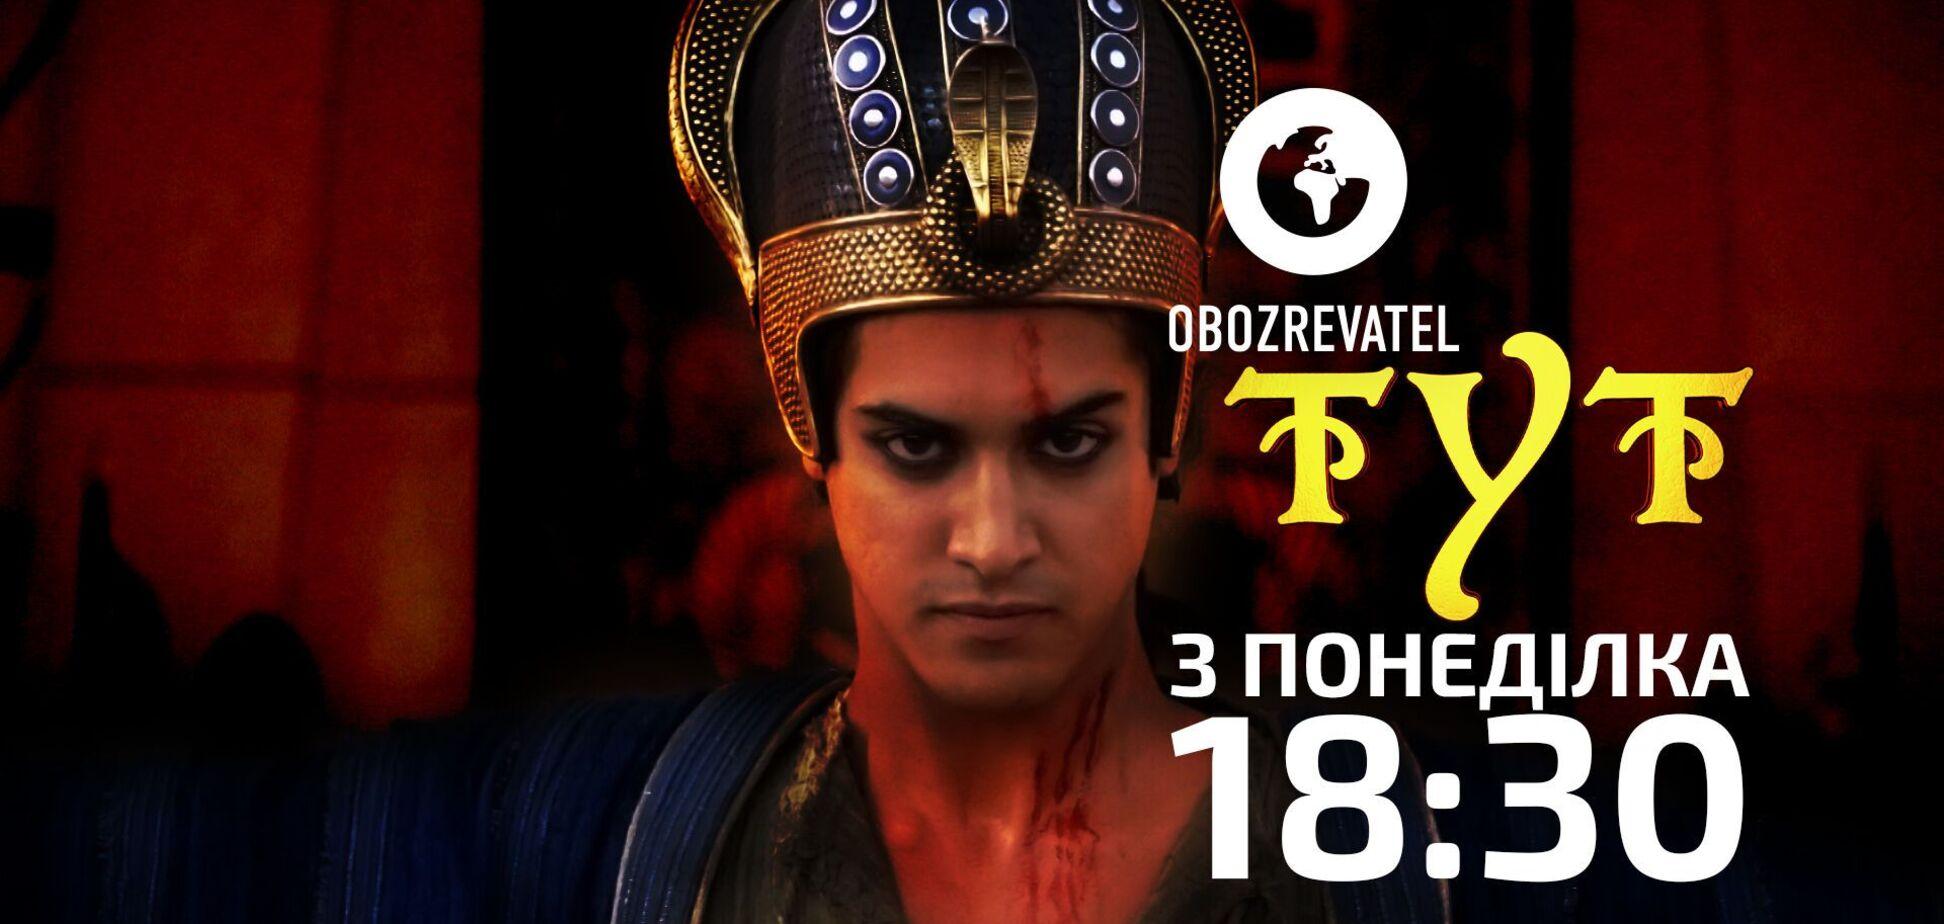 Історичний серіал 'Тут' на OBOZREVATEL з понеділка о 19:20